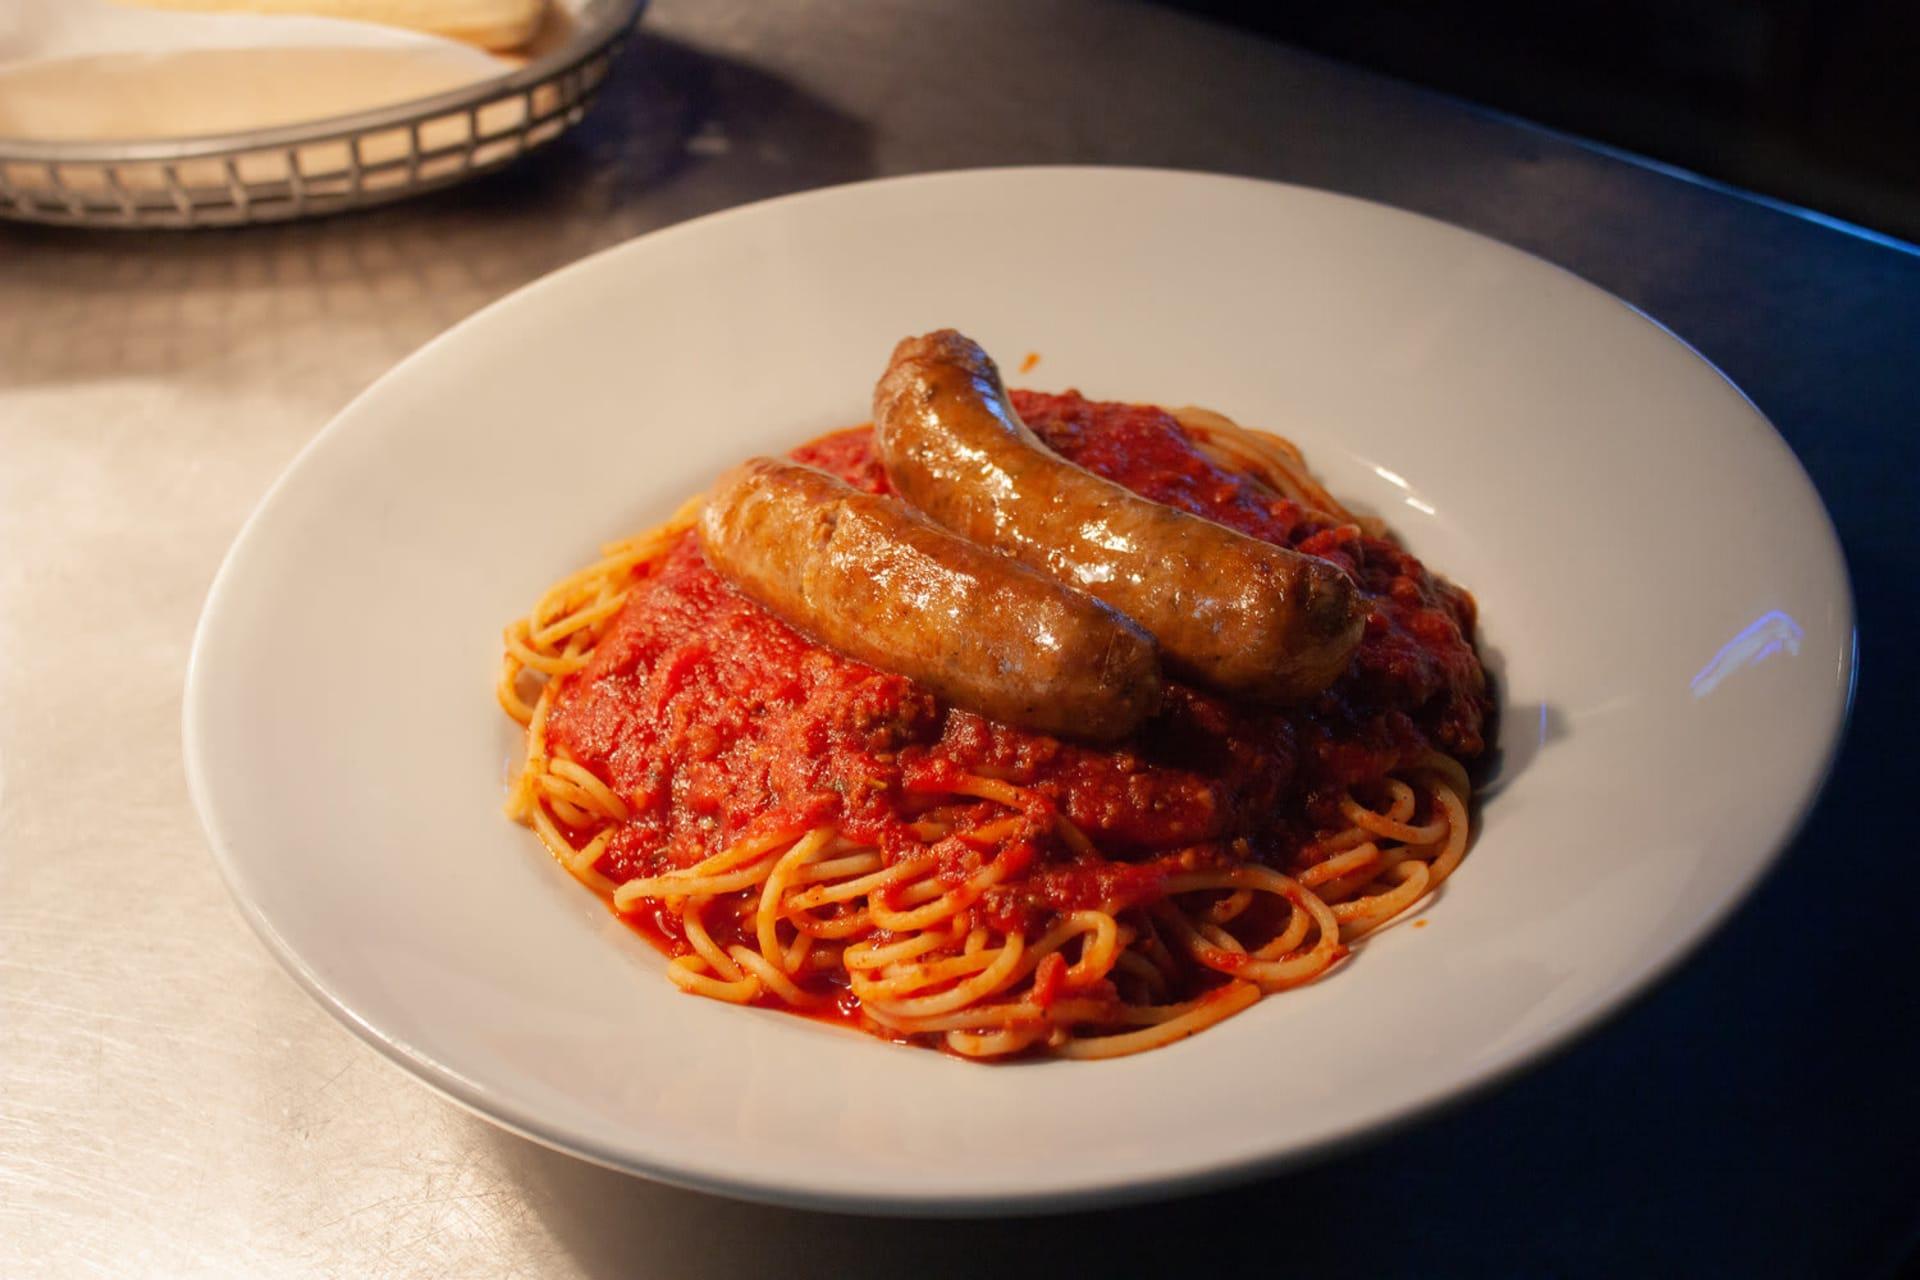 Spaghetti with Sausage Links